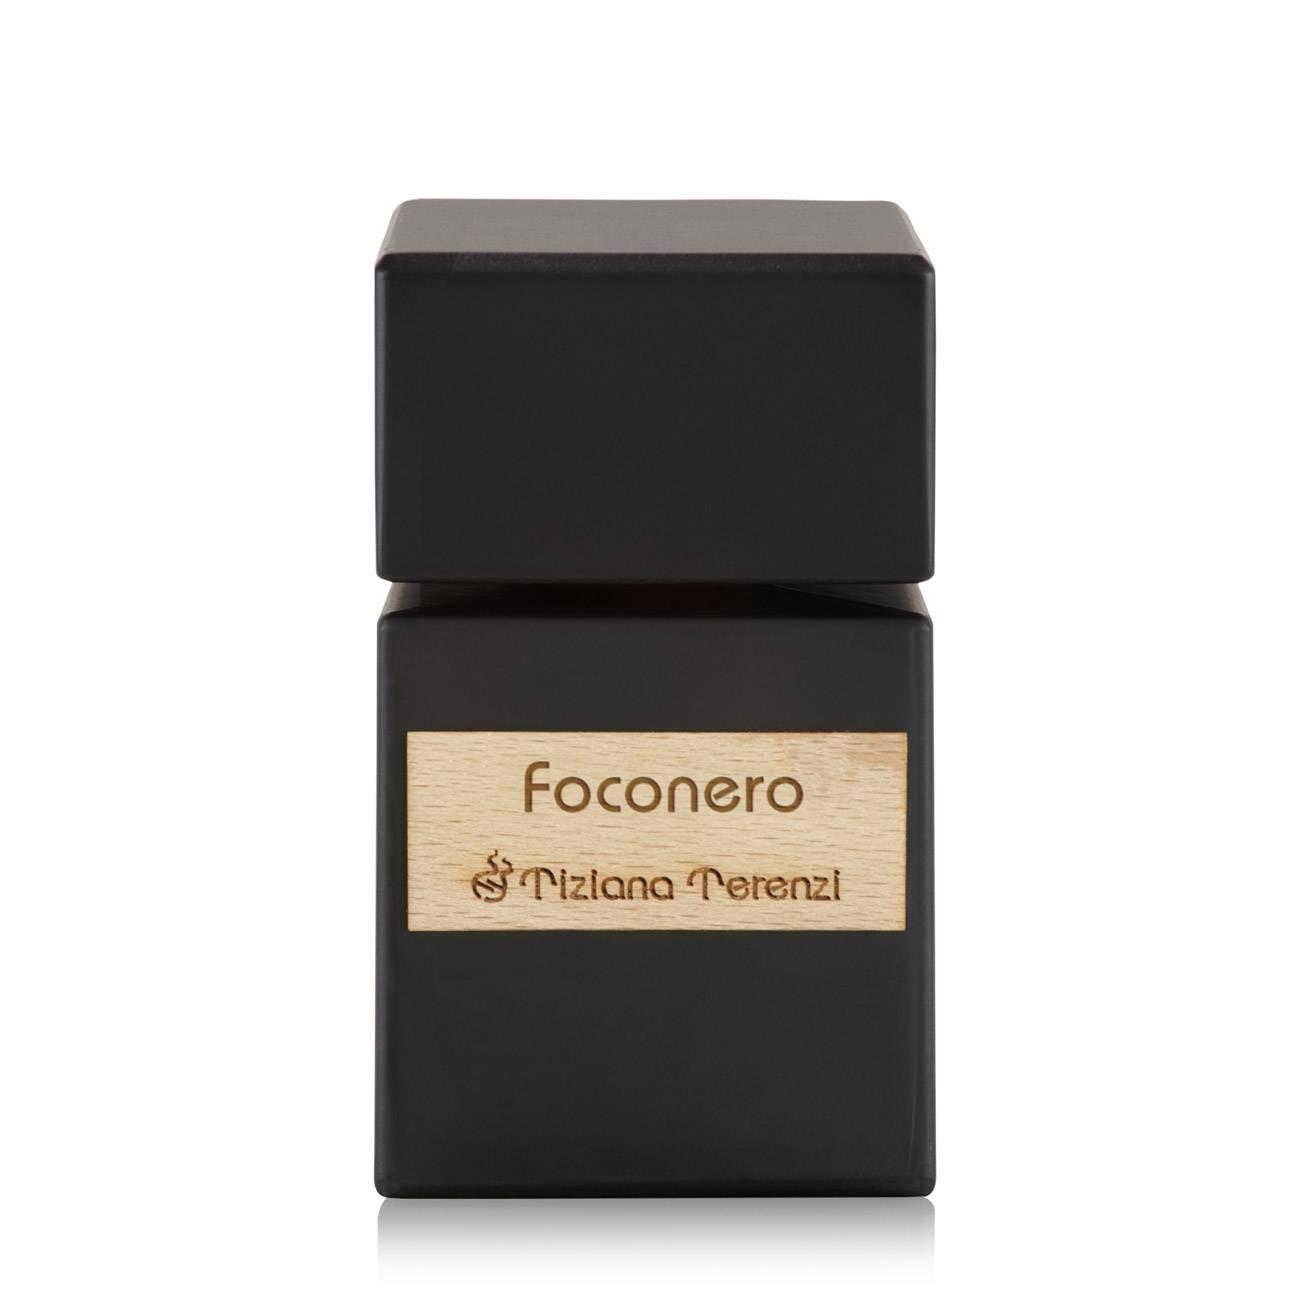 Foconero 100ml imagine